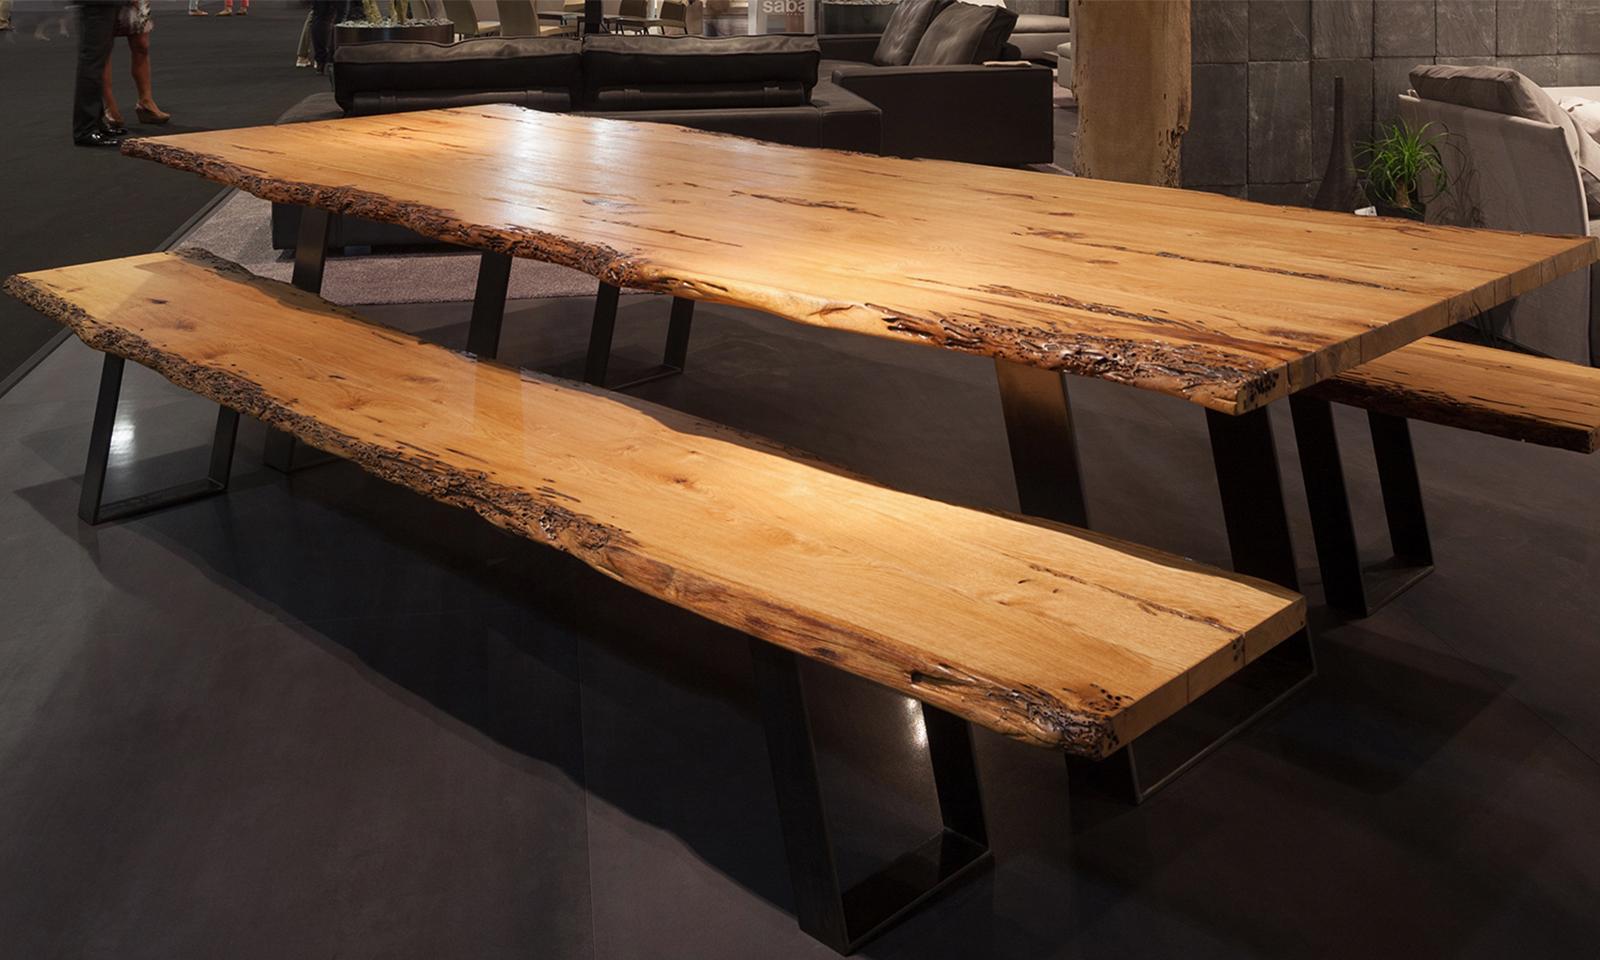 Triss fabriquant de mobilier contemporain haut de gamme for Grand plateau de table